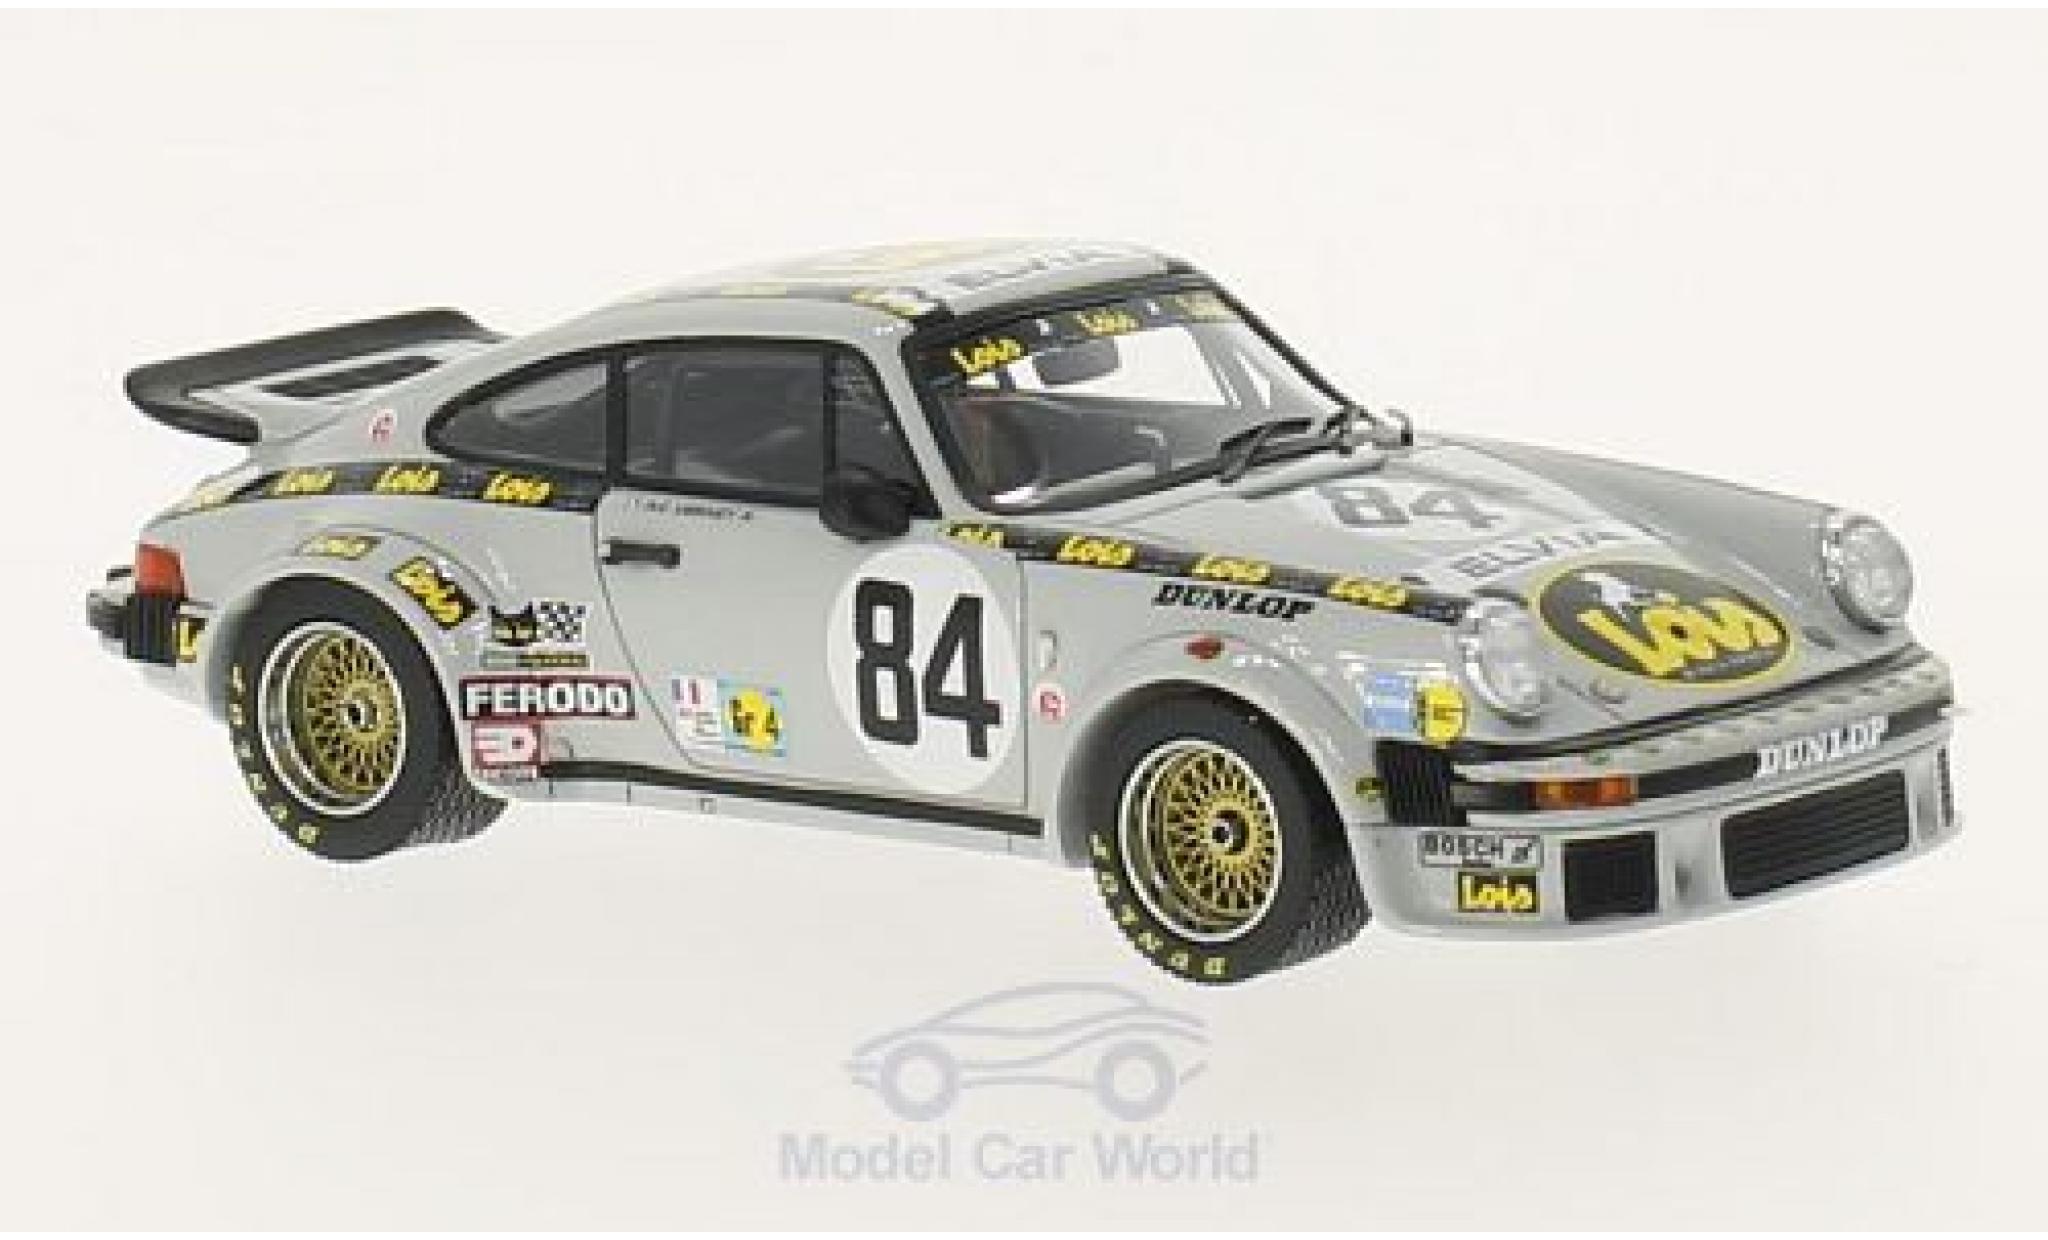 Porsche 934 1979 1/43 Premium X No.84 Lois 24h Le Mans A.C.Verney/P.Bardinon/R.Metge